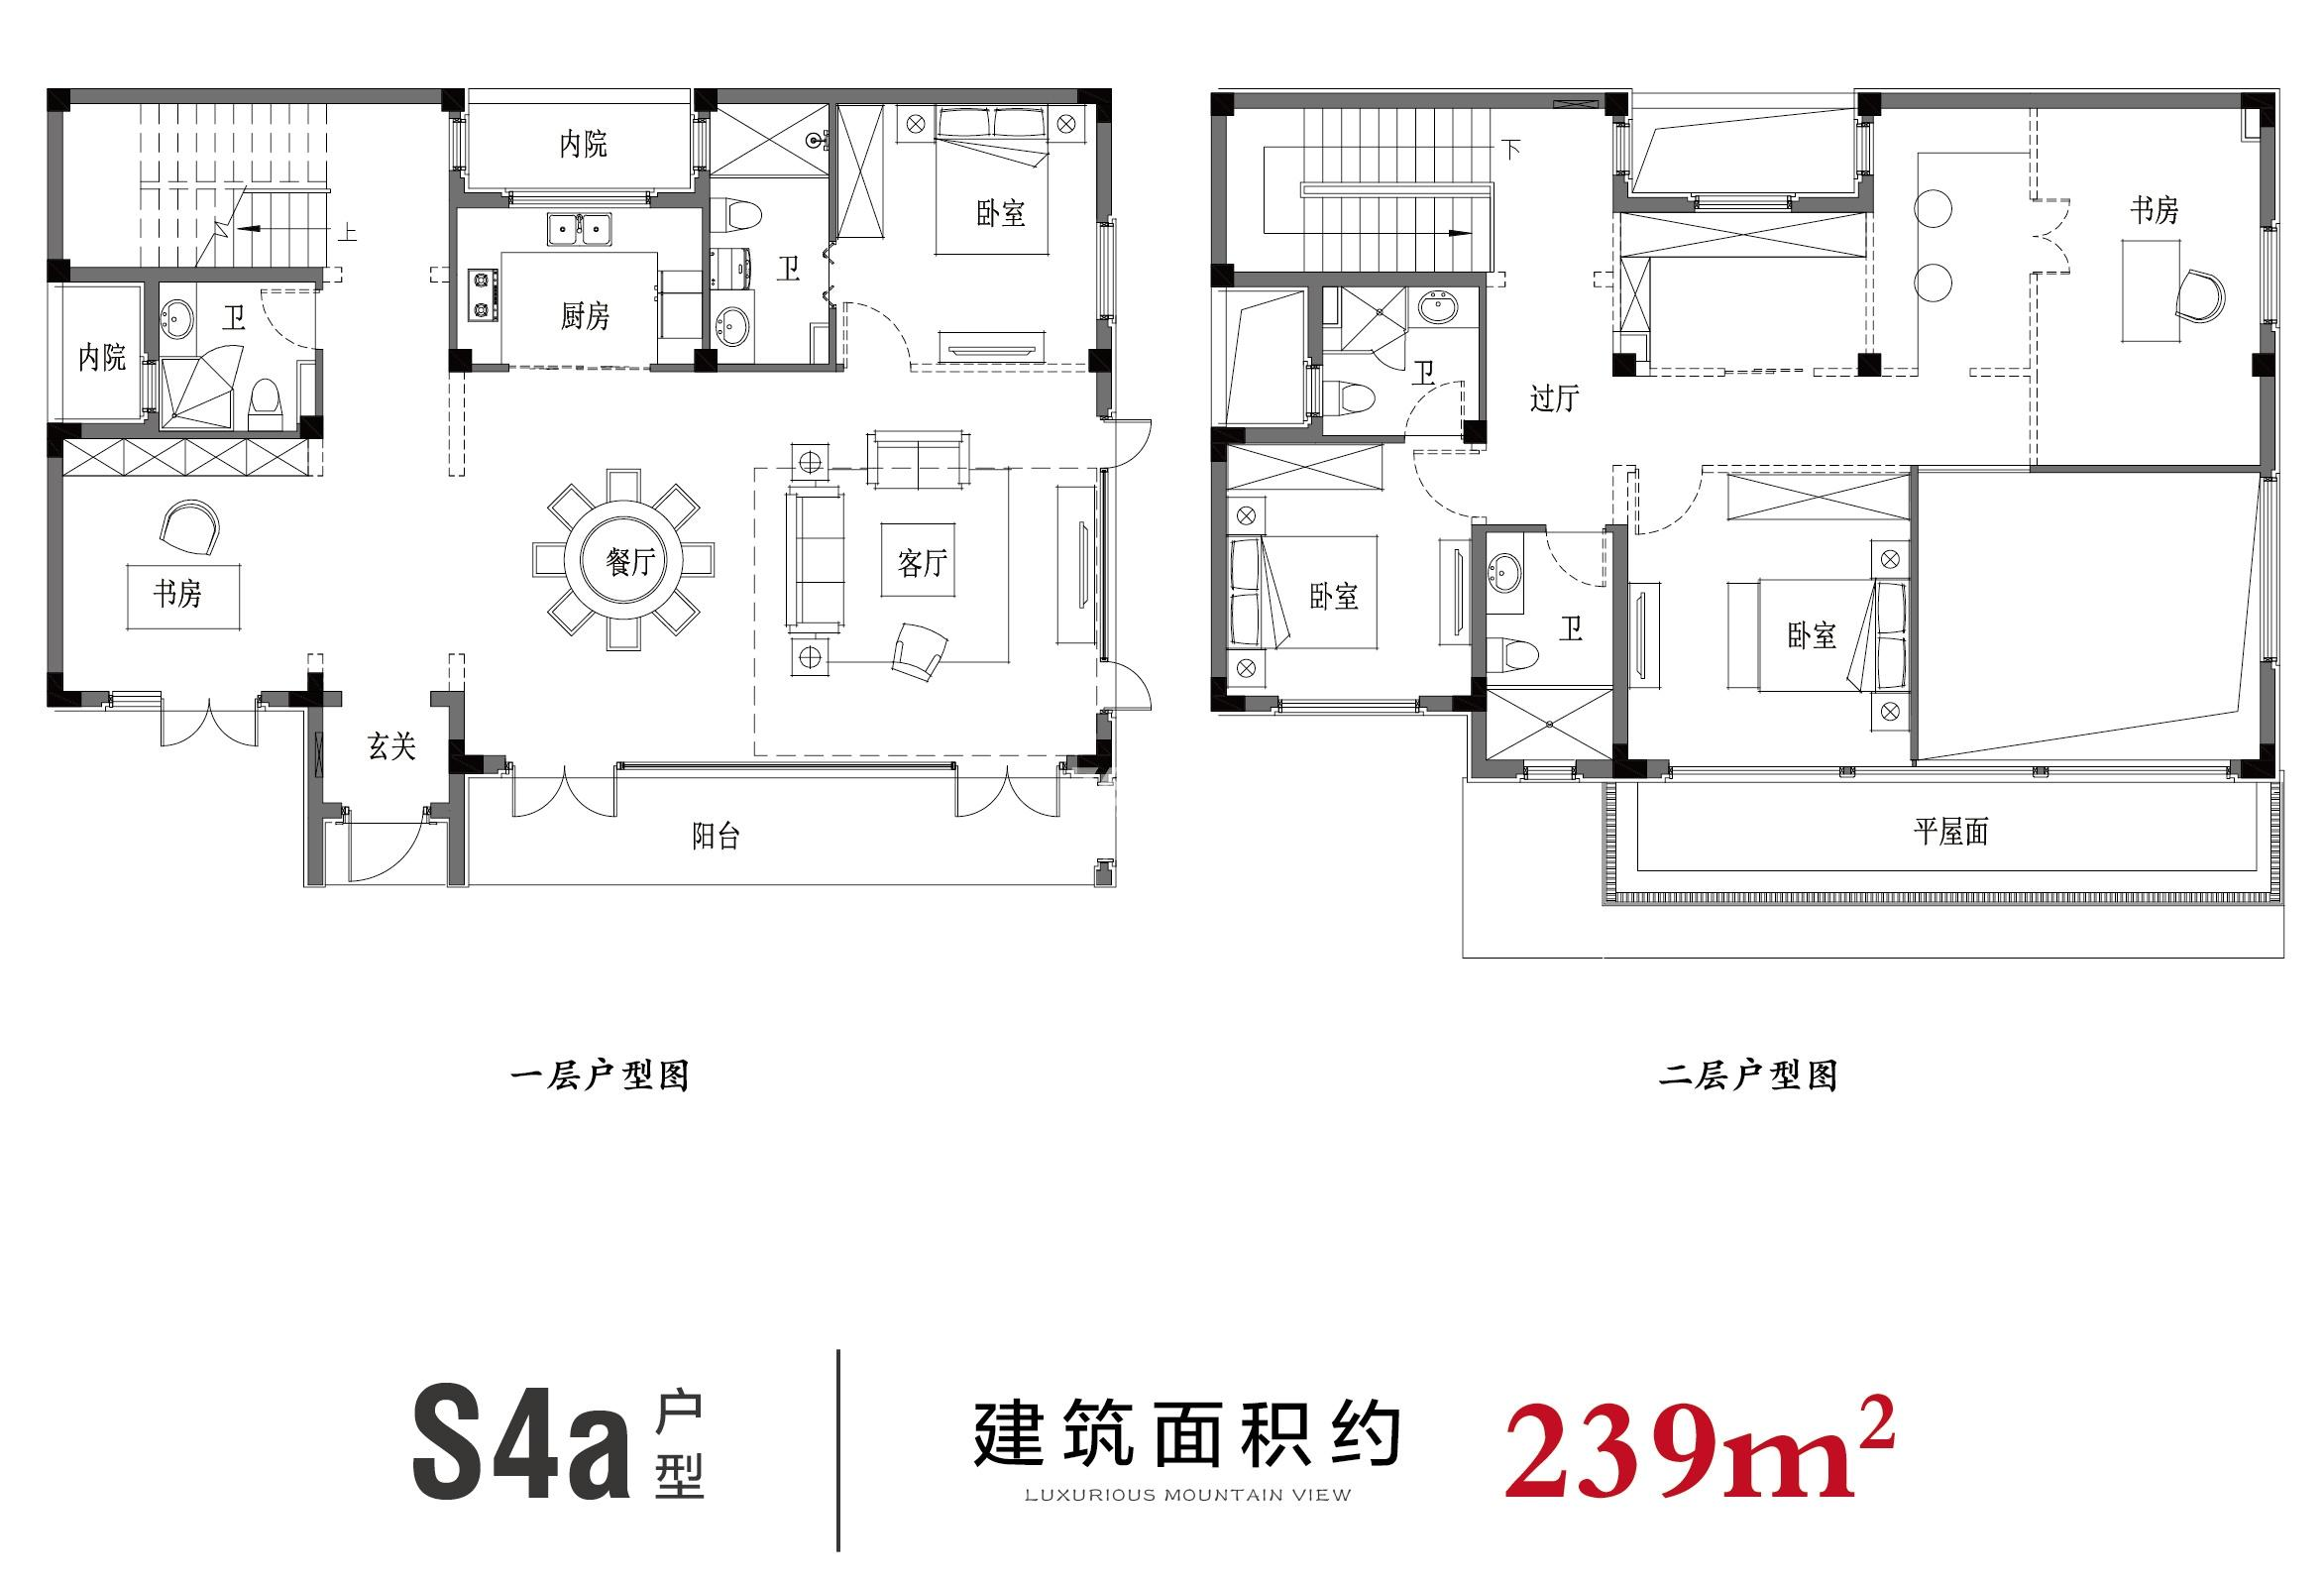 九龙仓雍景山户型图